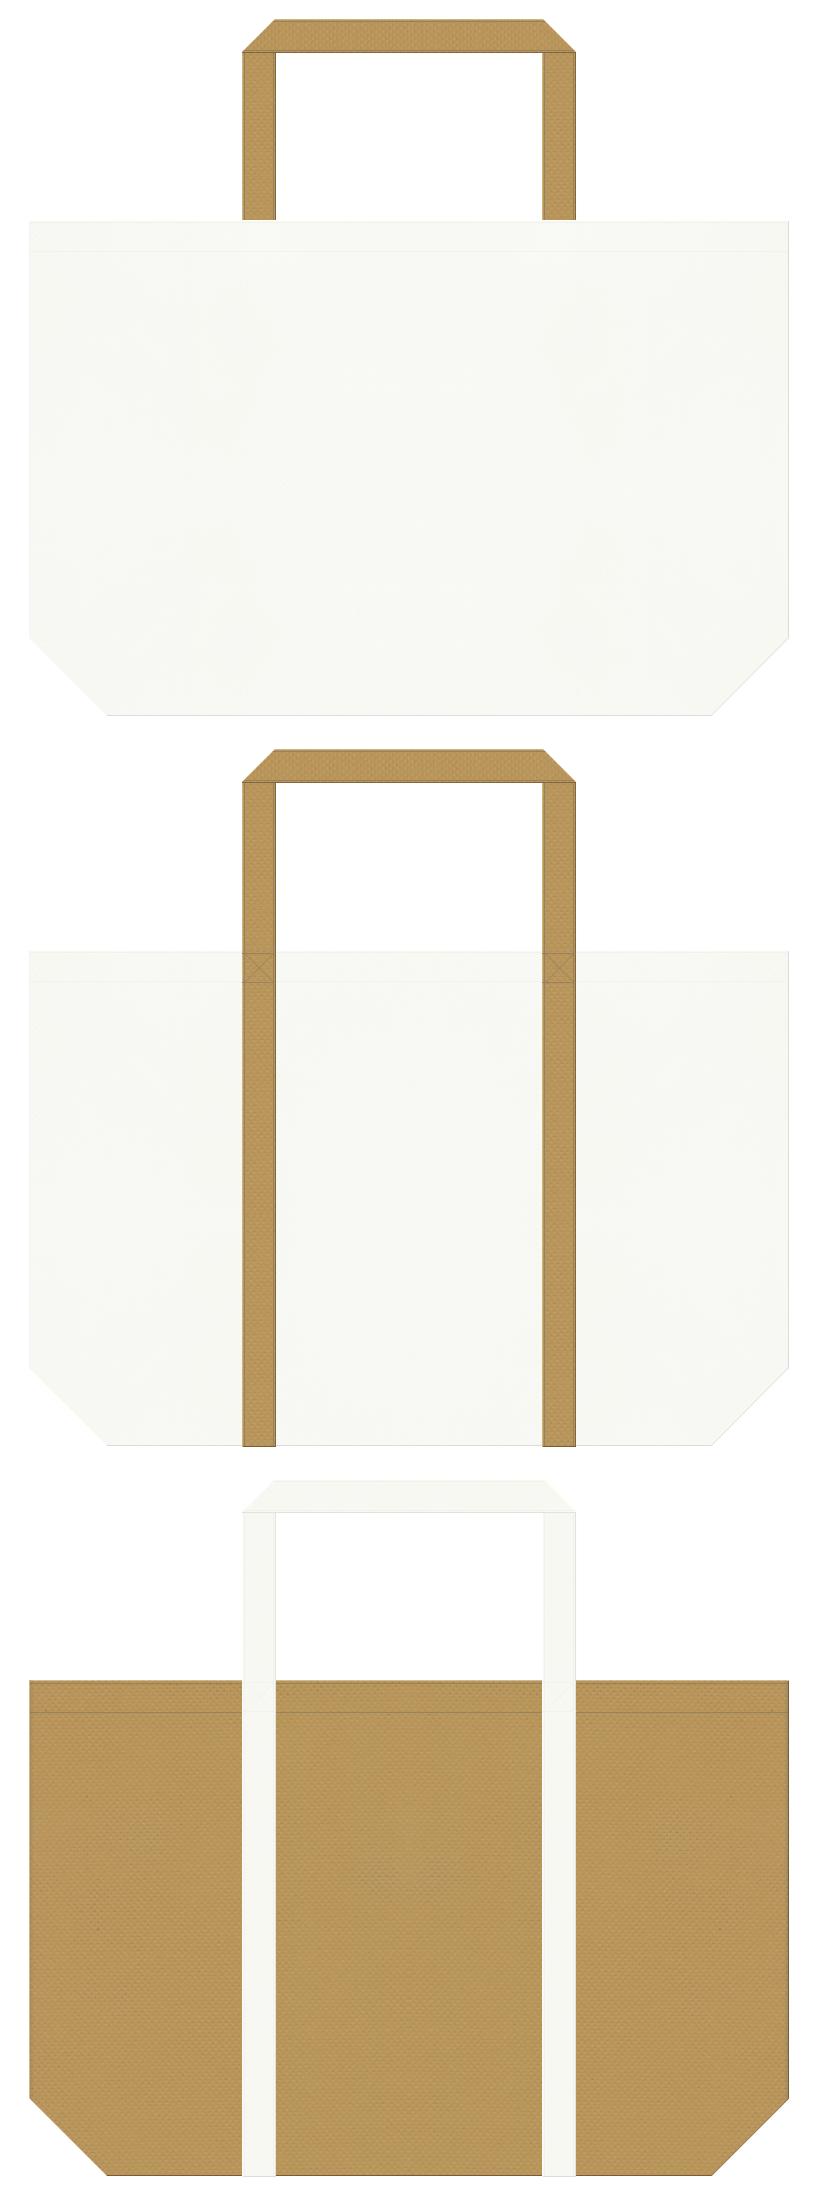 餃子・シューマイ・中華饅頭・うどん・ドッグフード・キャットフード・食のイベント・バスタオル・バスローブ・ホテル・アメニティグッズ・住宅展示場・カフェオレ・コーヒーロール・石窯パン・ベーカリーショップにお奨めの不織布バッグデザイン:オフホワイト色と金黄土色のコーデ